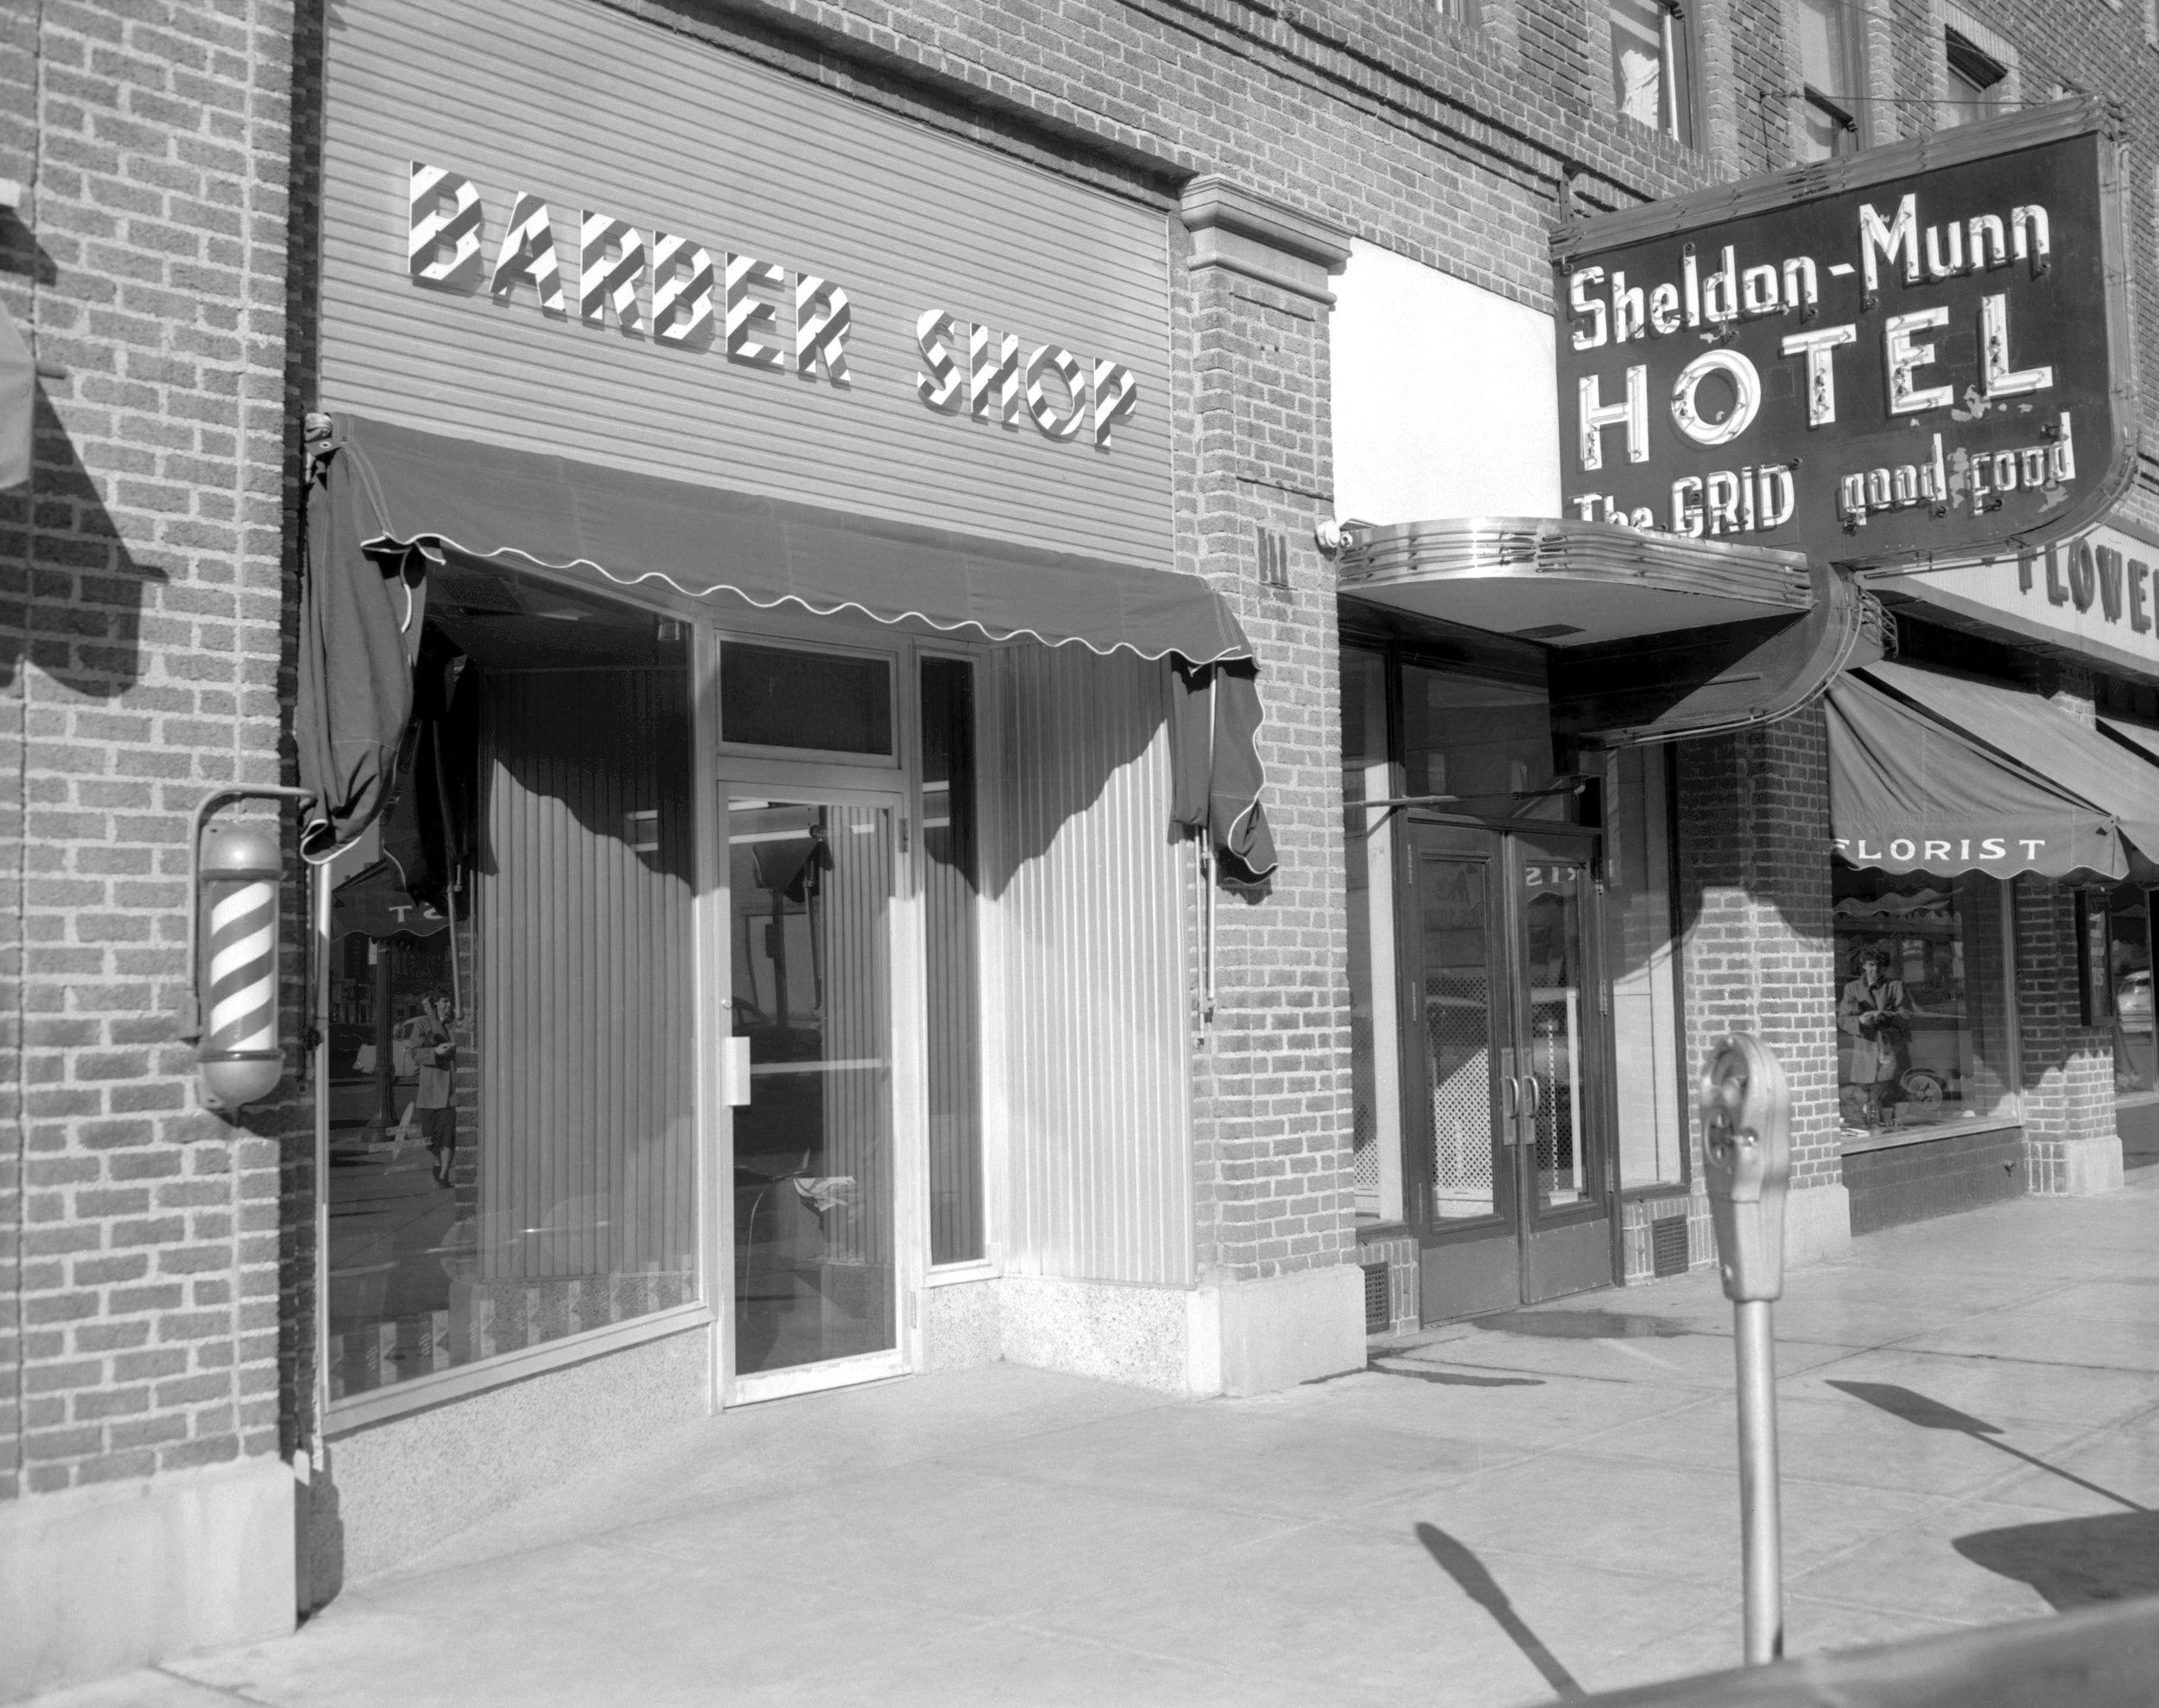 1955.03.07_hotel_barber_shop_sheldon_munn.jpg